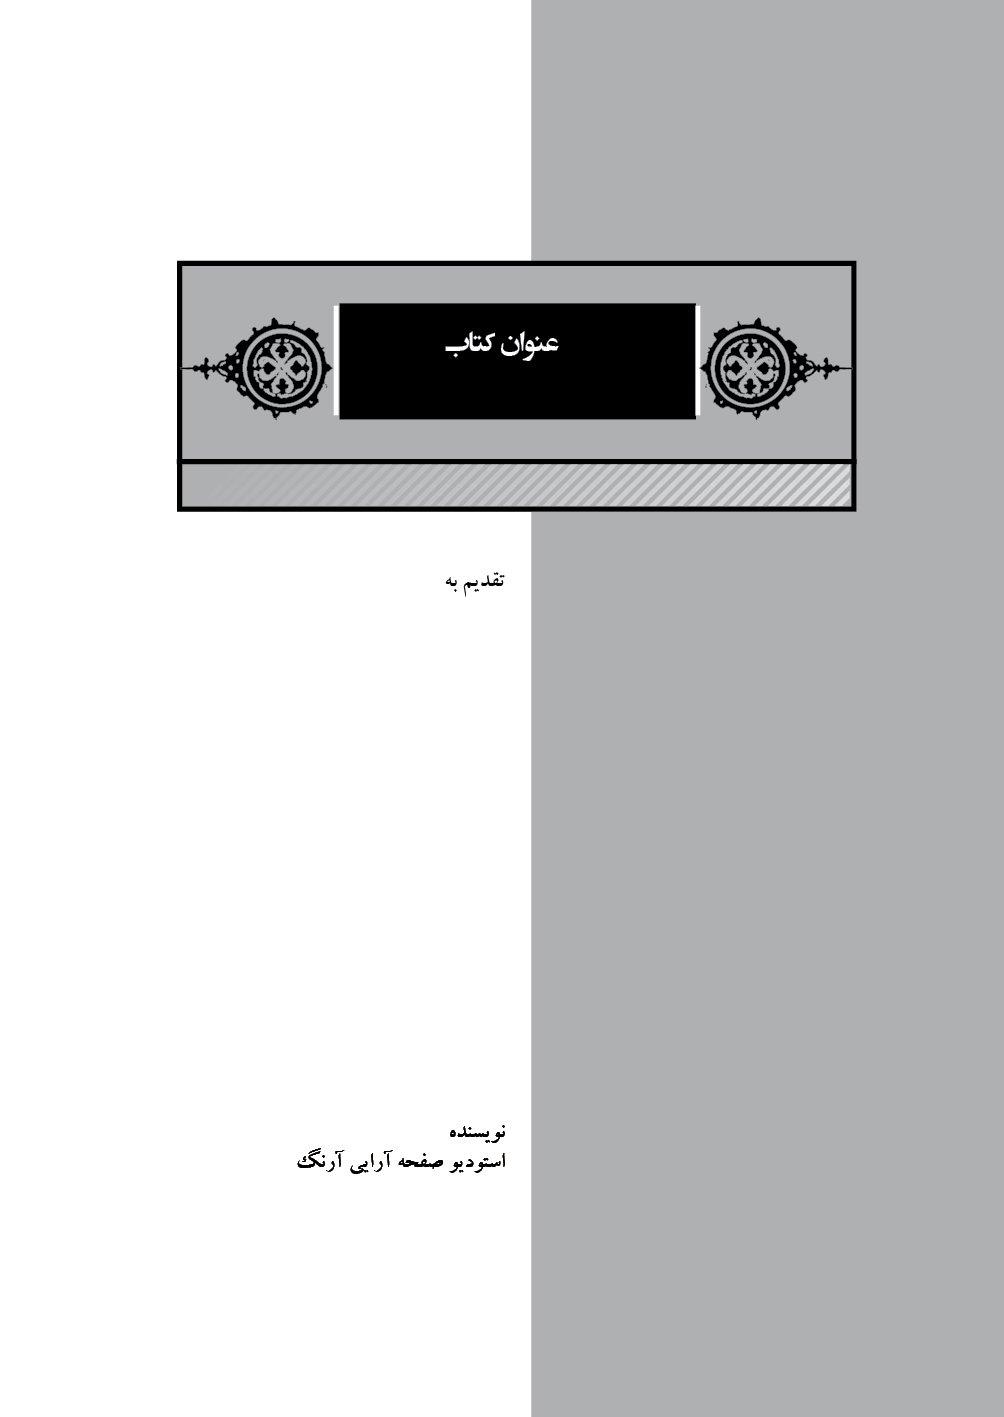 نمونه شروع عنوان کتاب در قالب آماده صفحه آرایی کتاب در نرم افزار این دیزاین